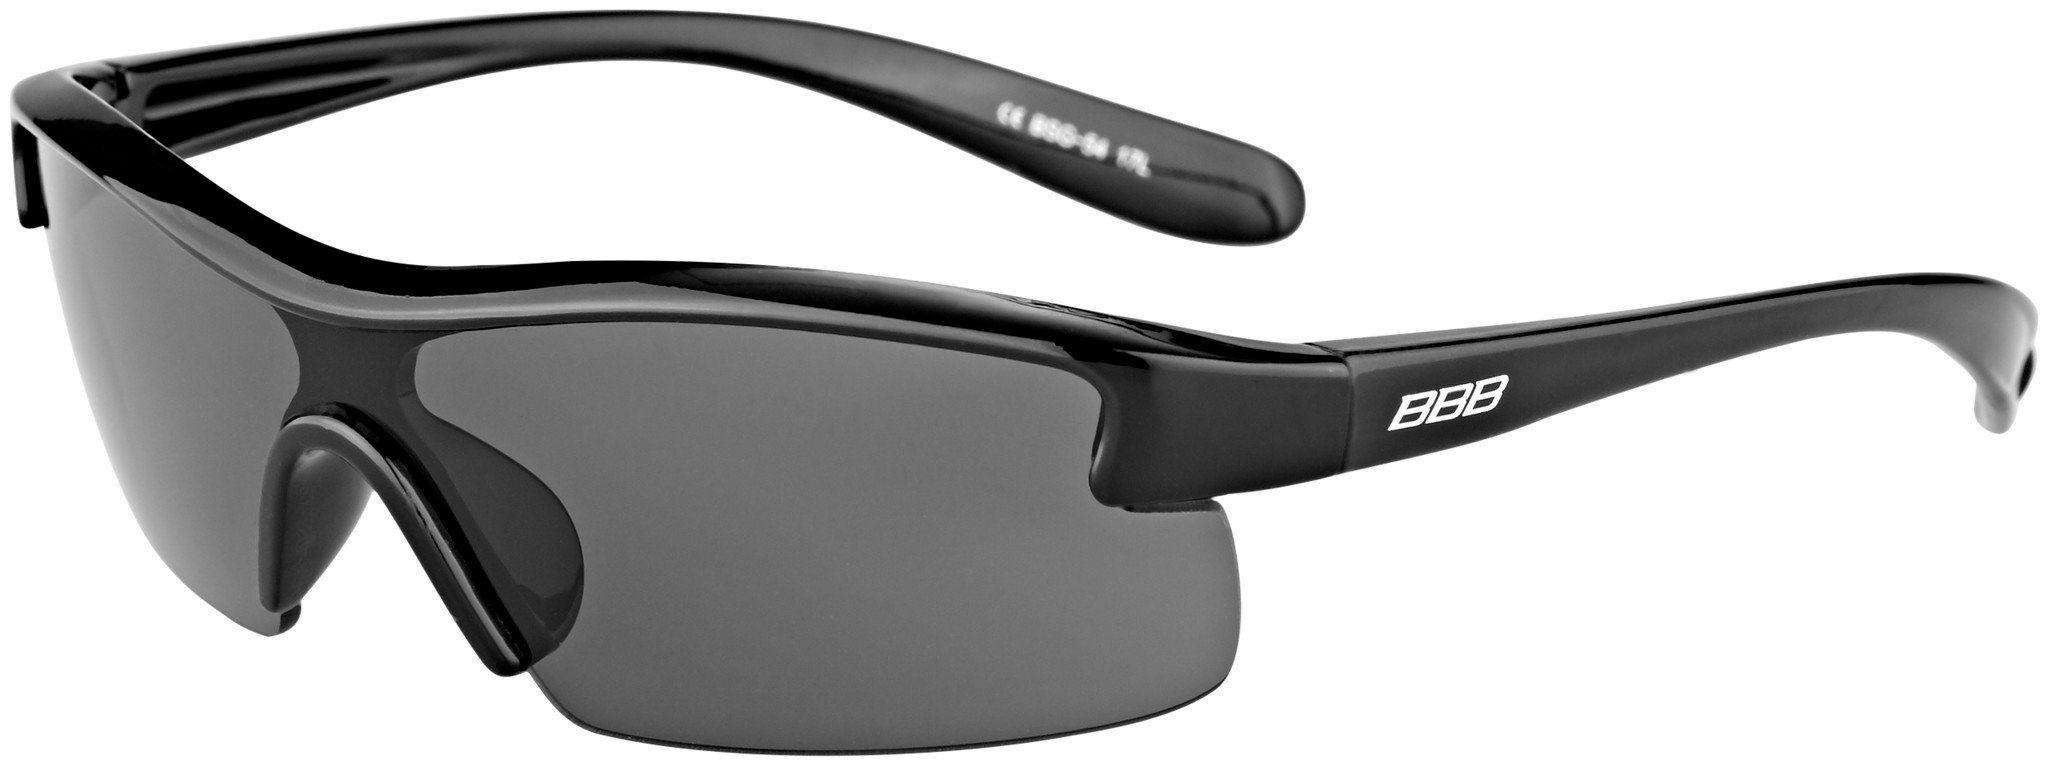 BBB Radsportbrille »Kids BSG-54 Sportbrille«